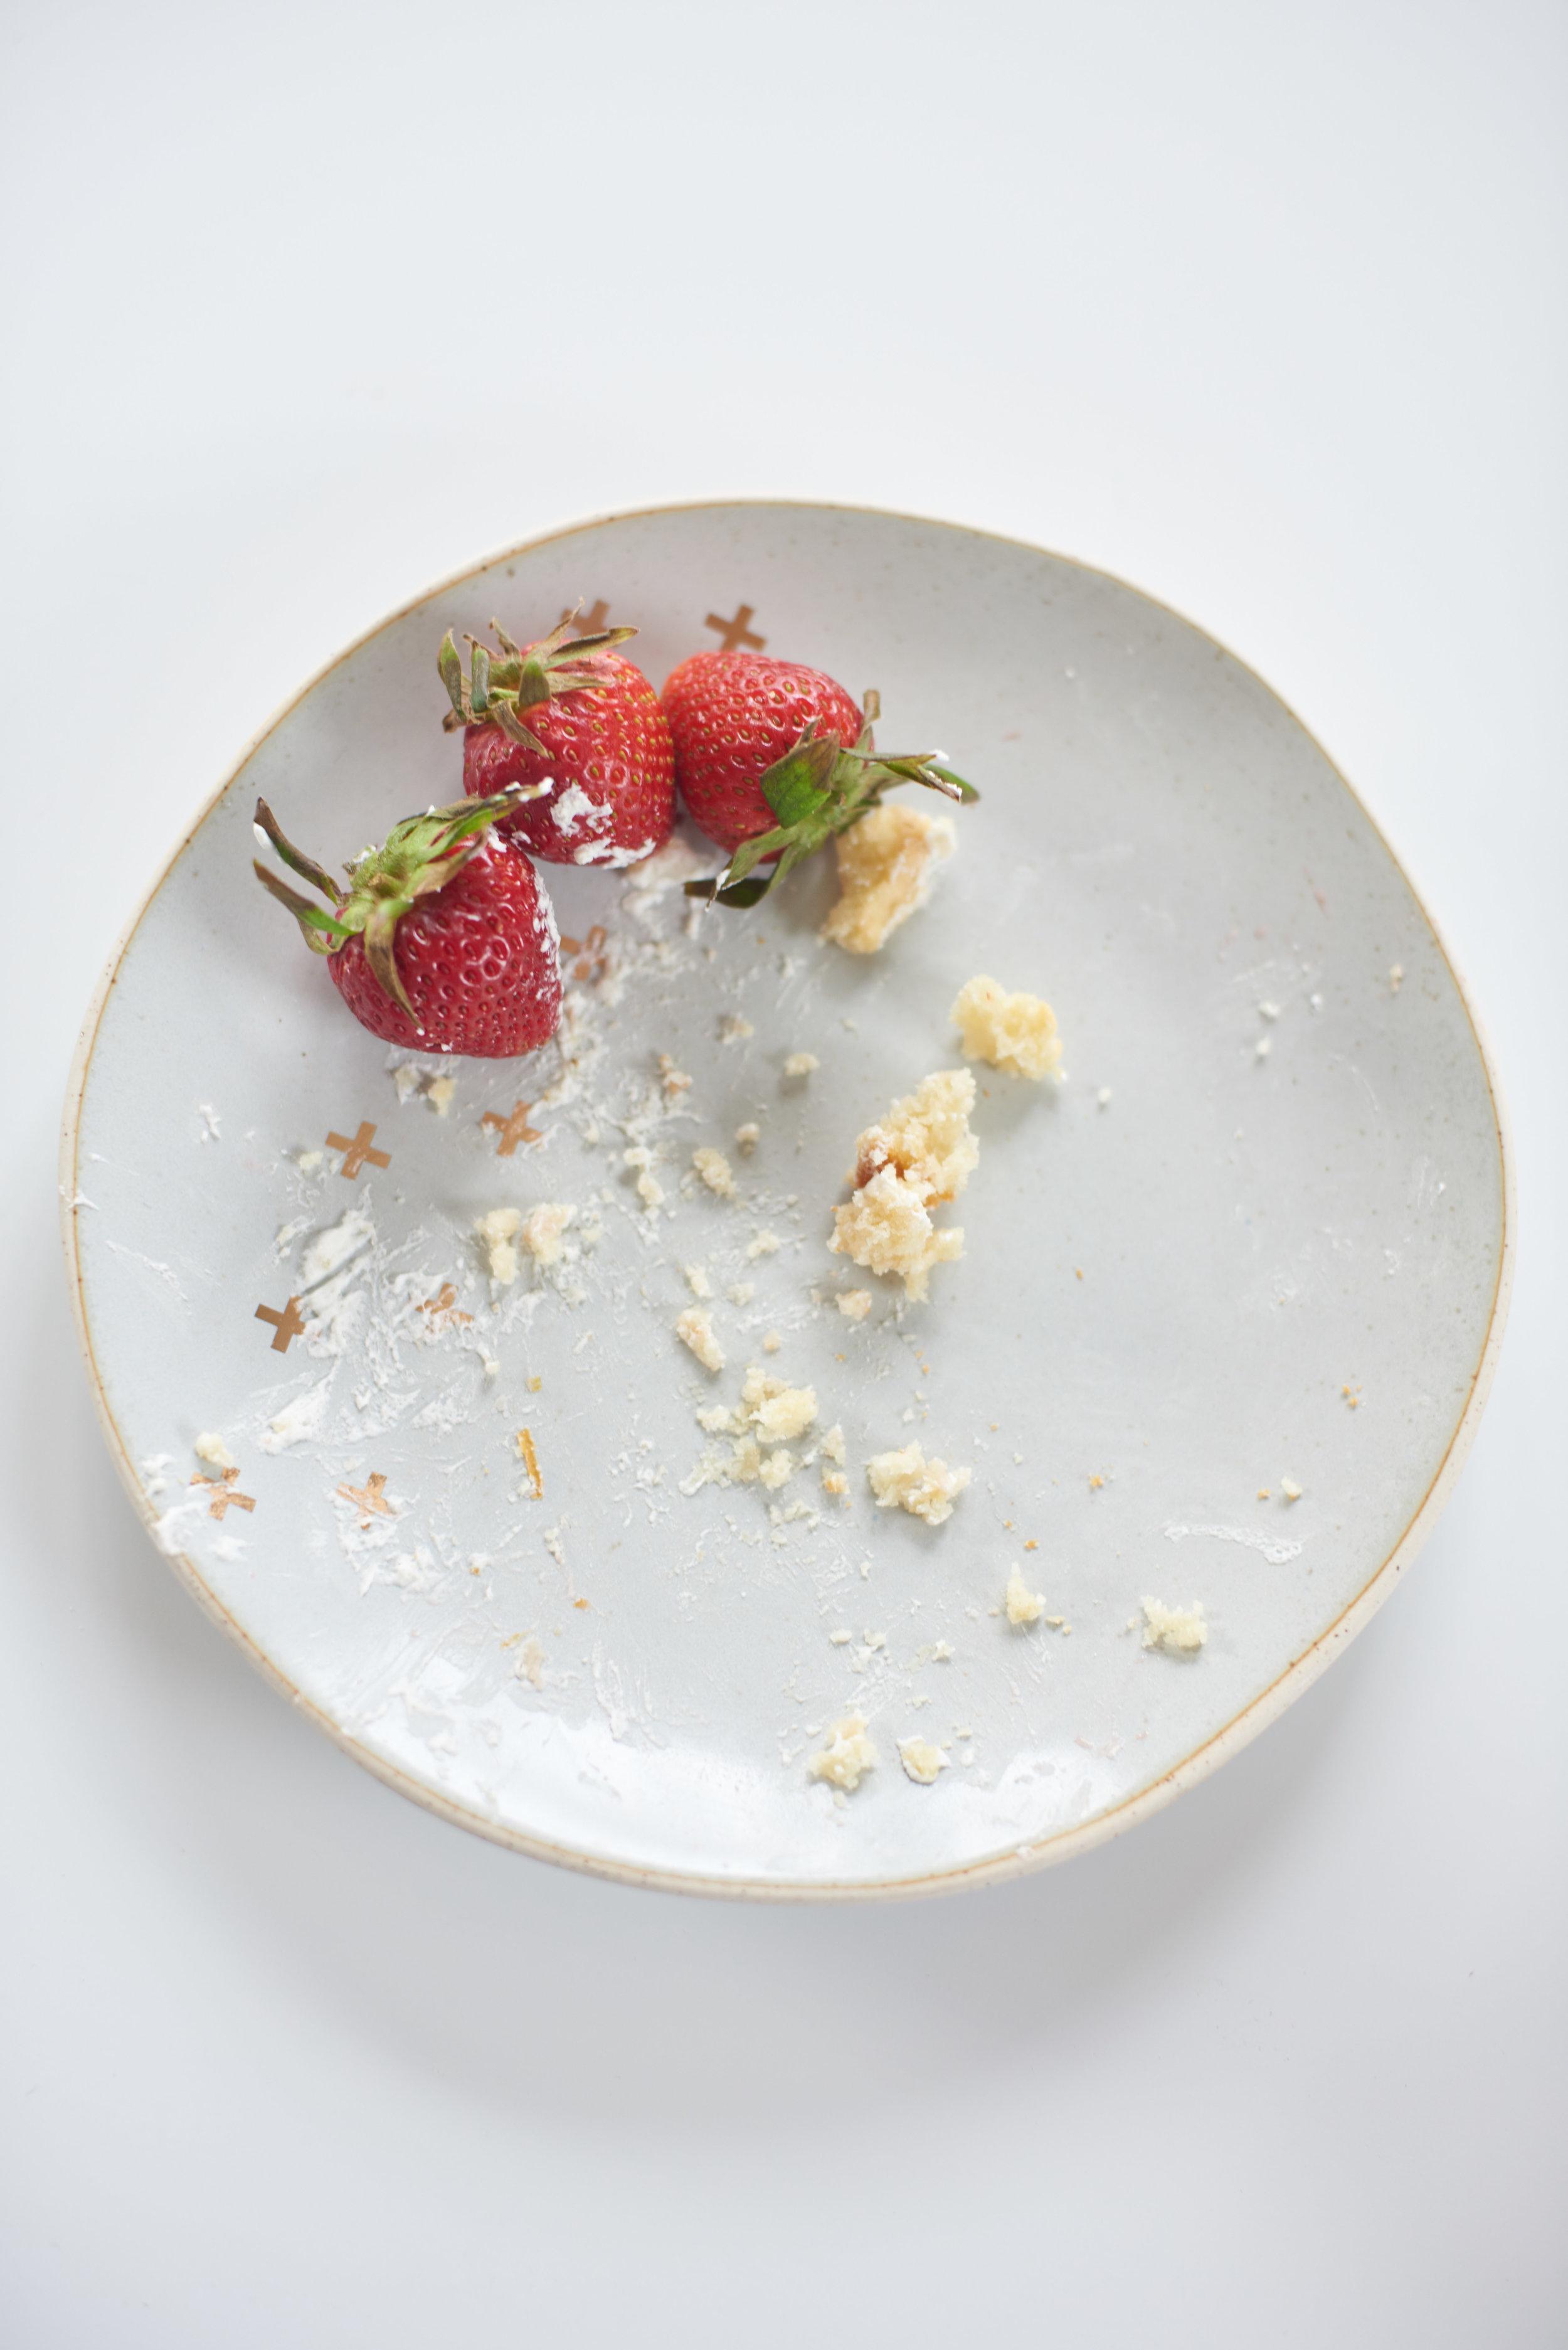 StrawberryShortcake 5.jpg